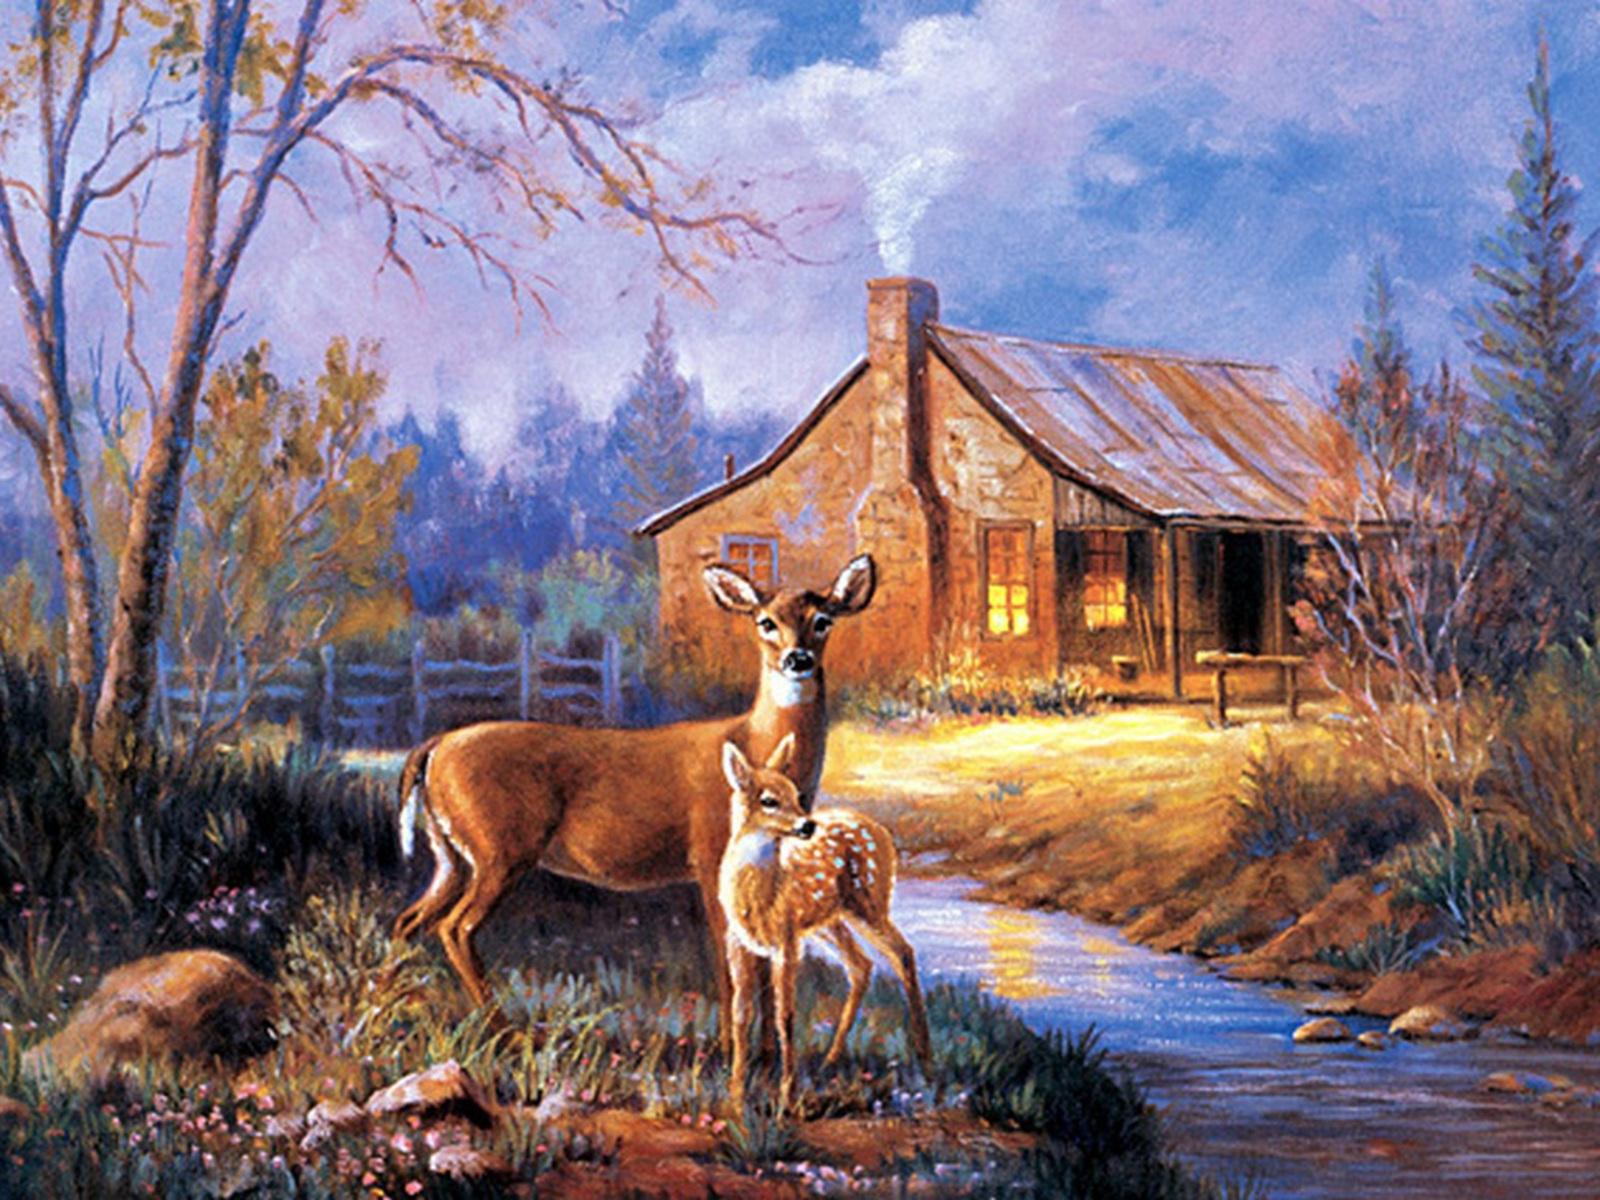 Wallpapersafari: Whitetail Deer Screensavers And Wallpaper